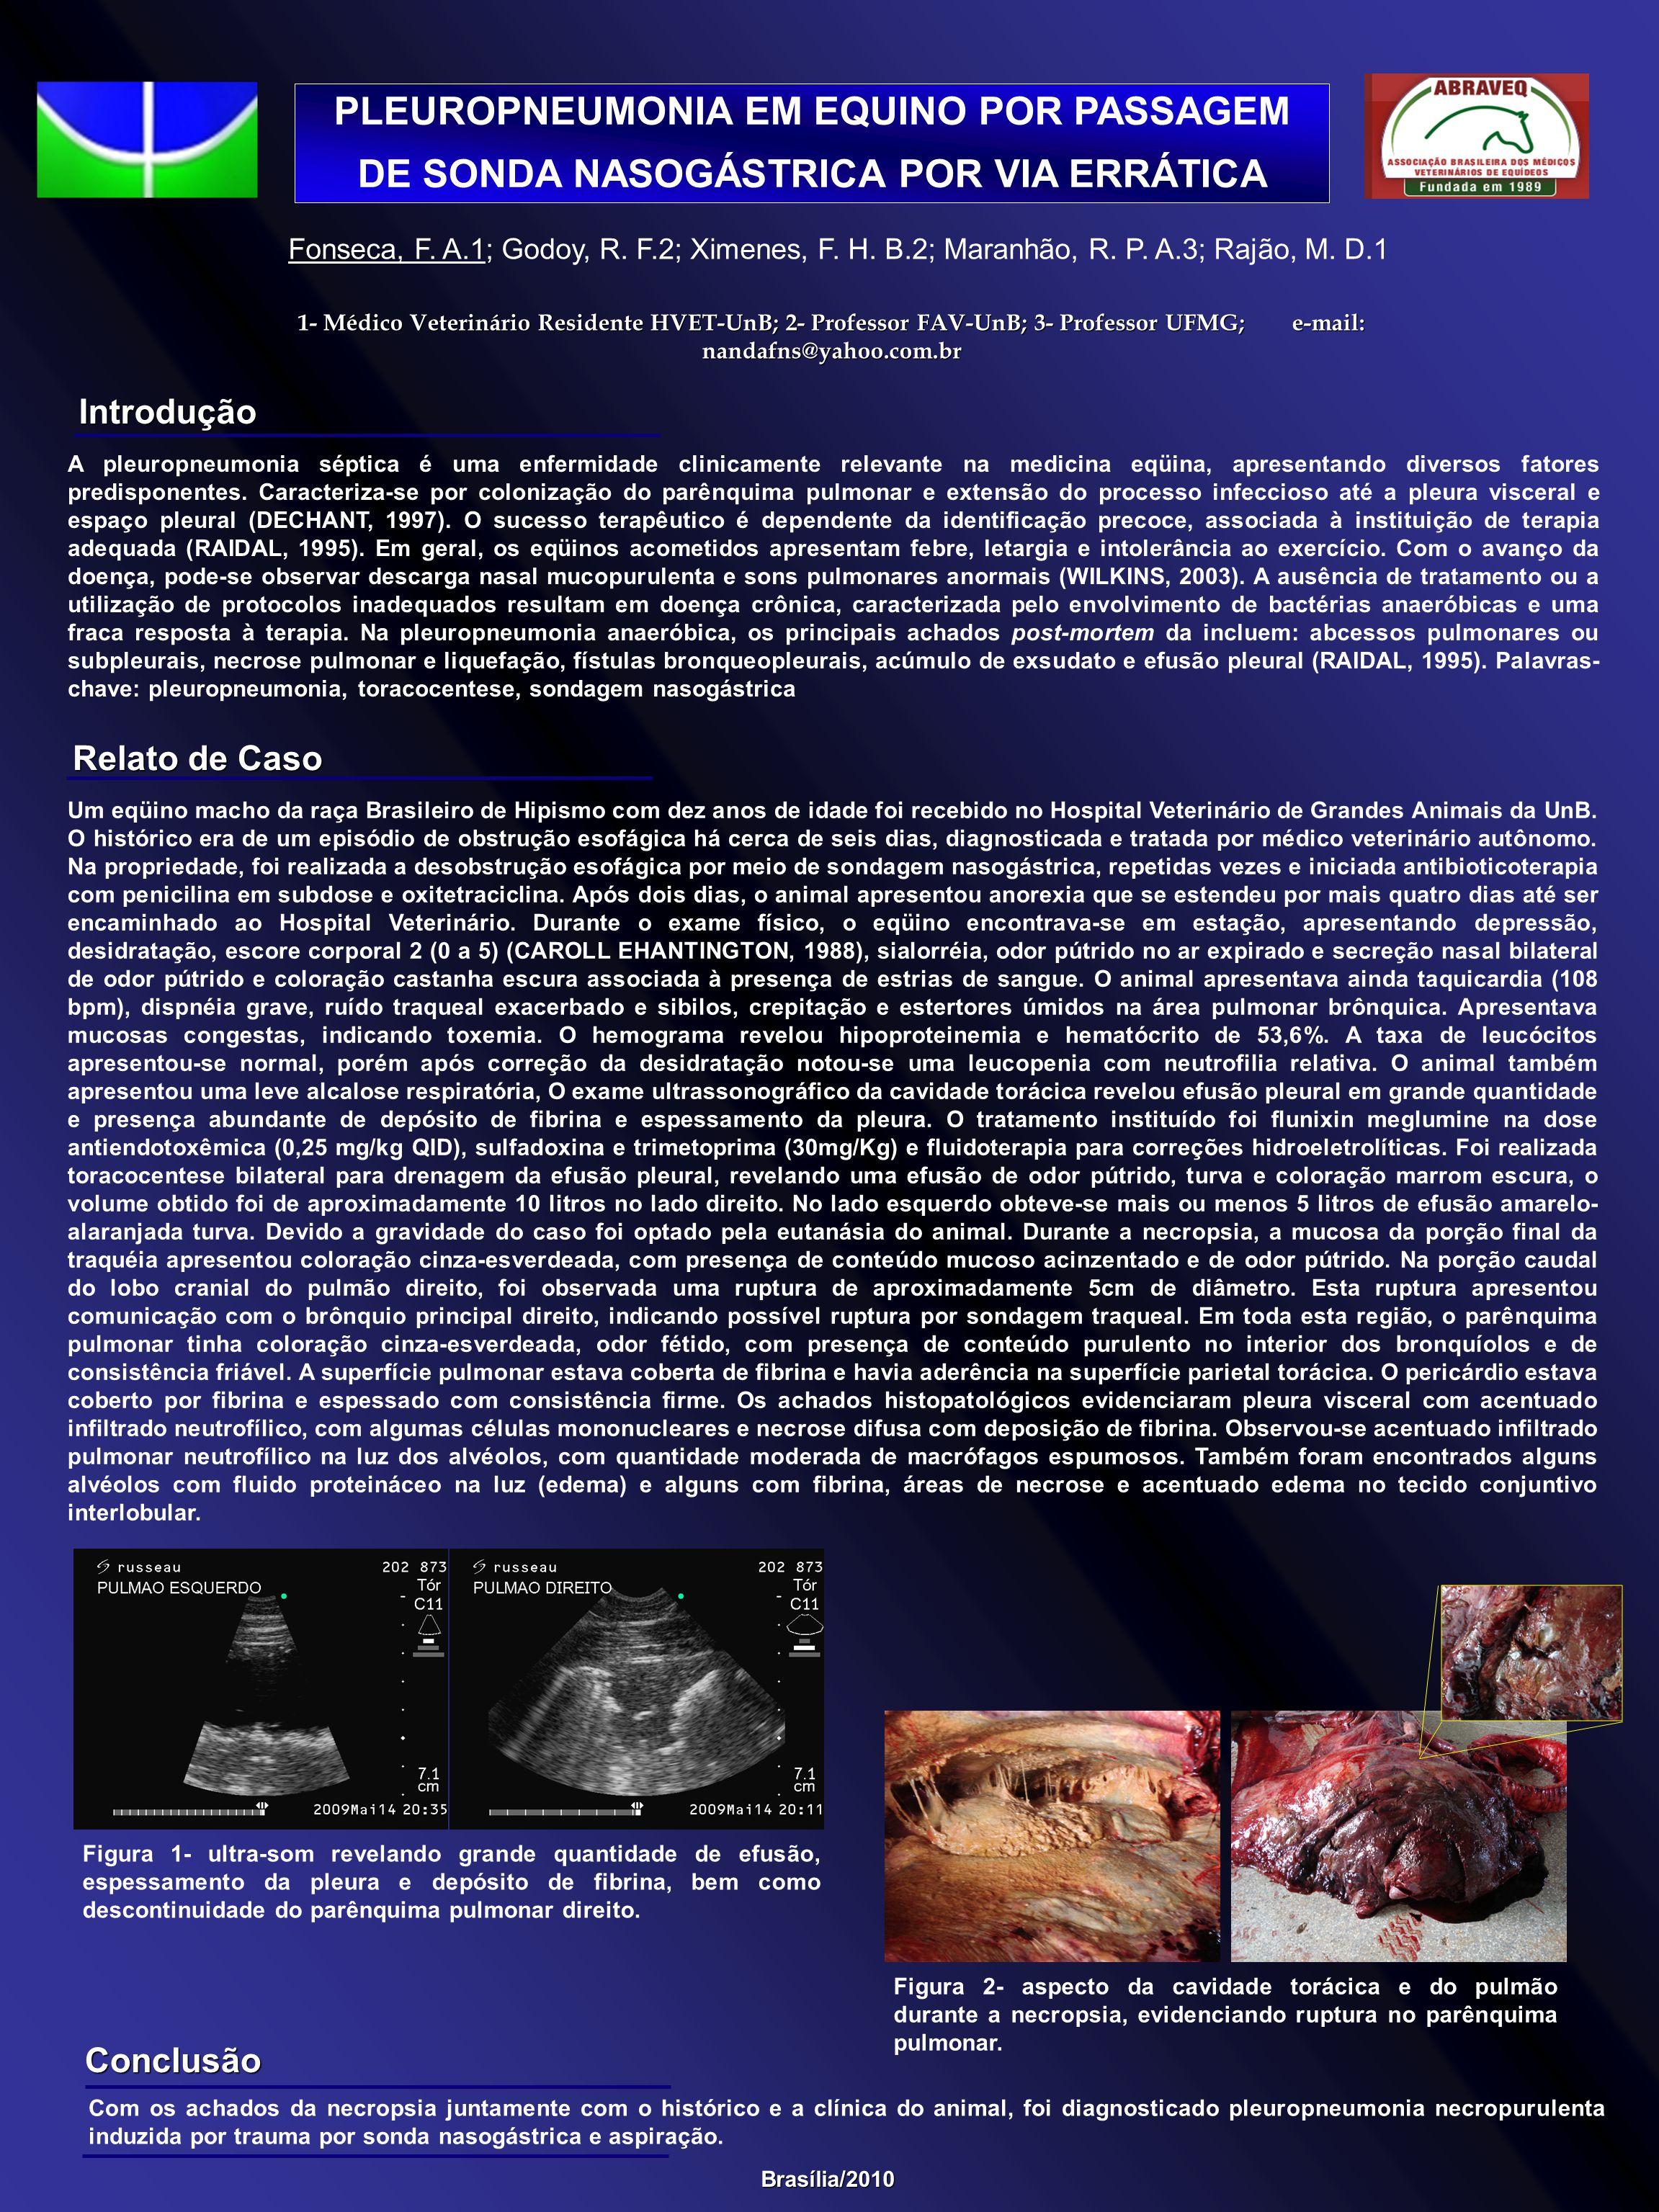 PLEUROPNEUMONIA EM EQUINO POR PASSAGEM DE SONDA NASOGÁSTRICA POR VIA ERRÁTICA 1- Médico Veterinário Residente HVET-UnB; 2- Professor FAV-UnB; 3- Profe